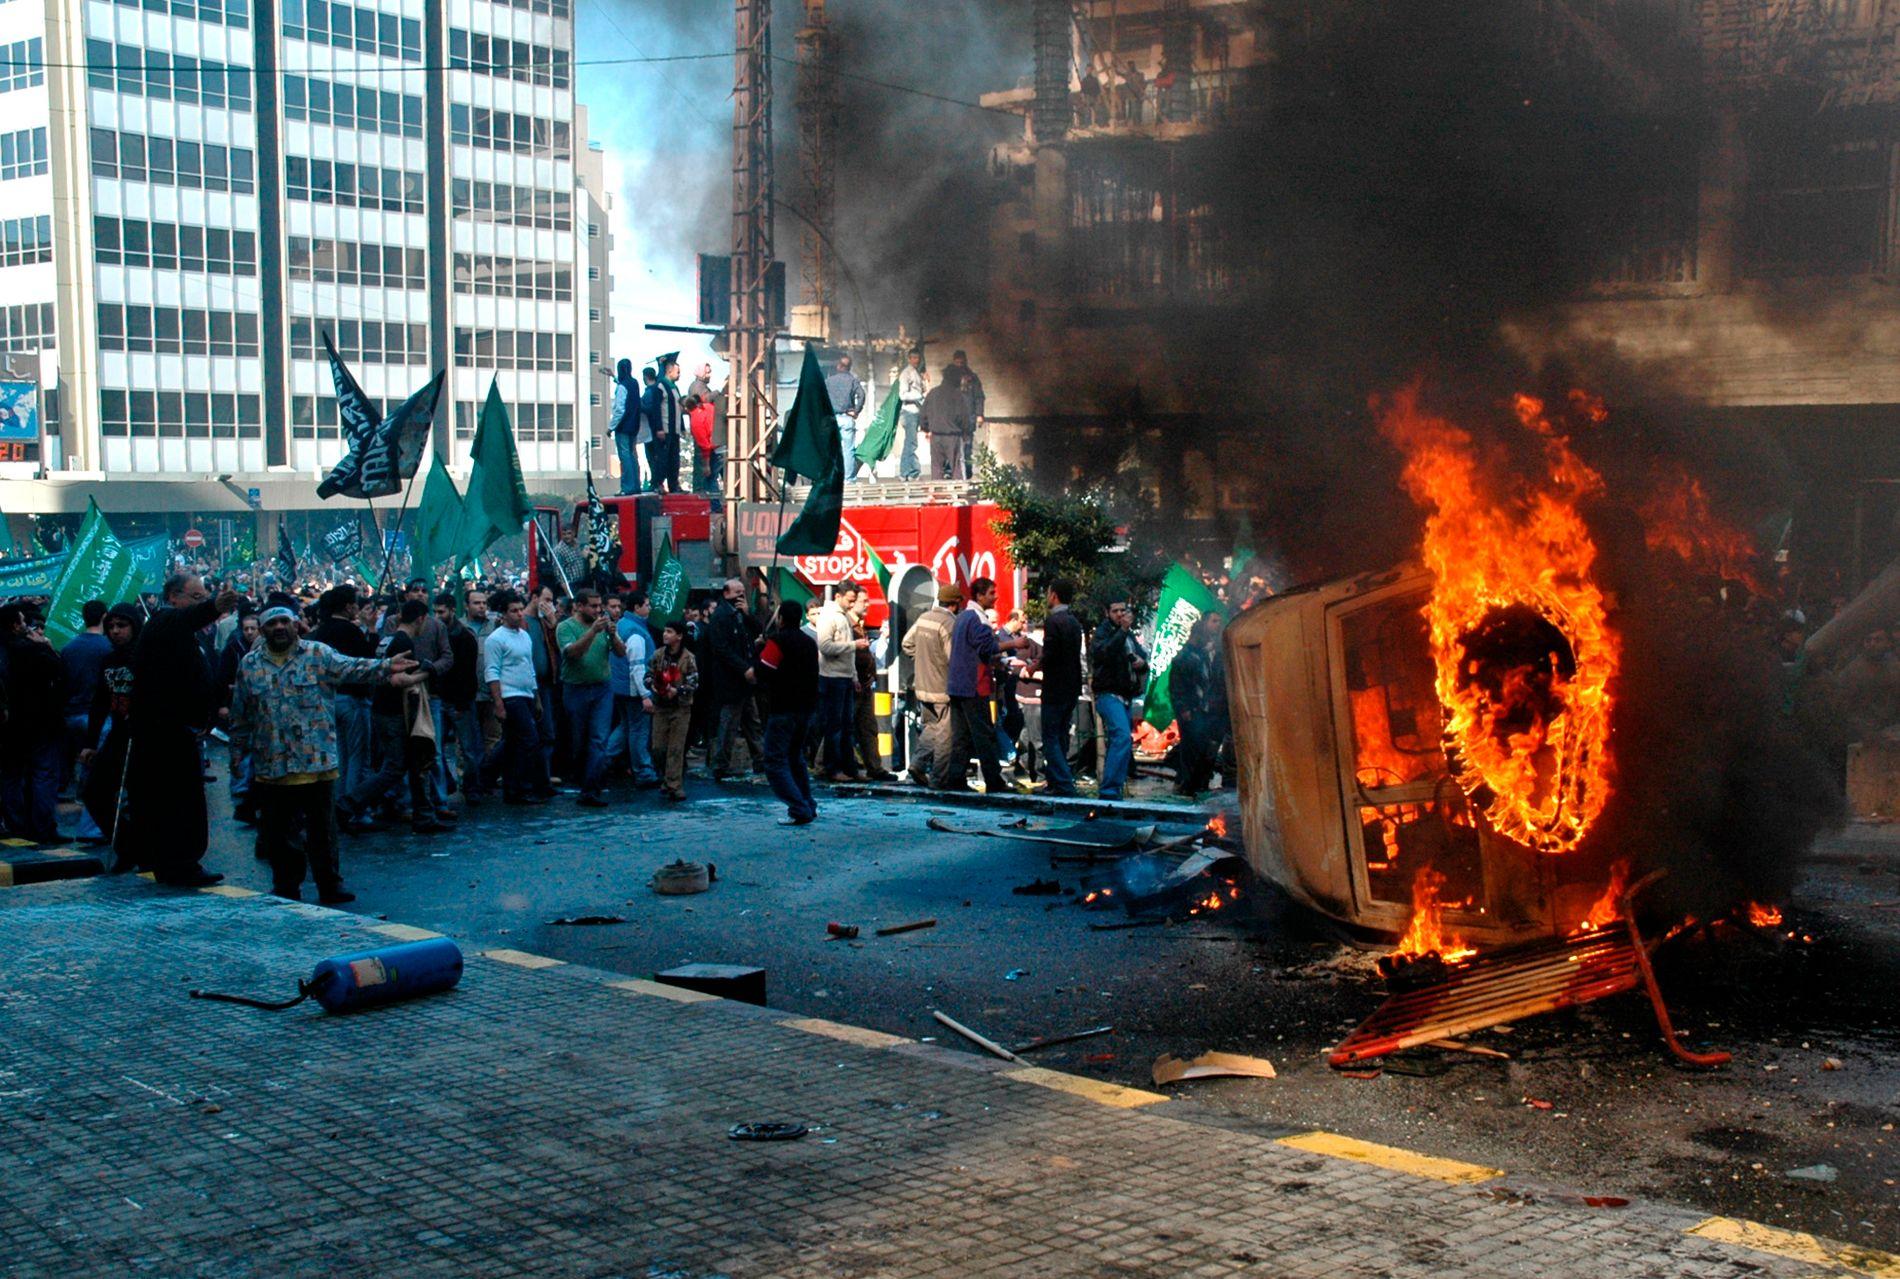 STORE DEMONSTRASJONER: Protestene mot Muhammed-karikaturene spredte seg utover Midtøsten i 2006. Her har demonstranter satt fyr på et dansk bygg i Beirut, dagen etter den norske ambassaden i Damaskus ble stormet.